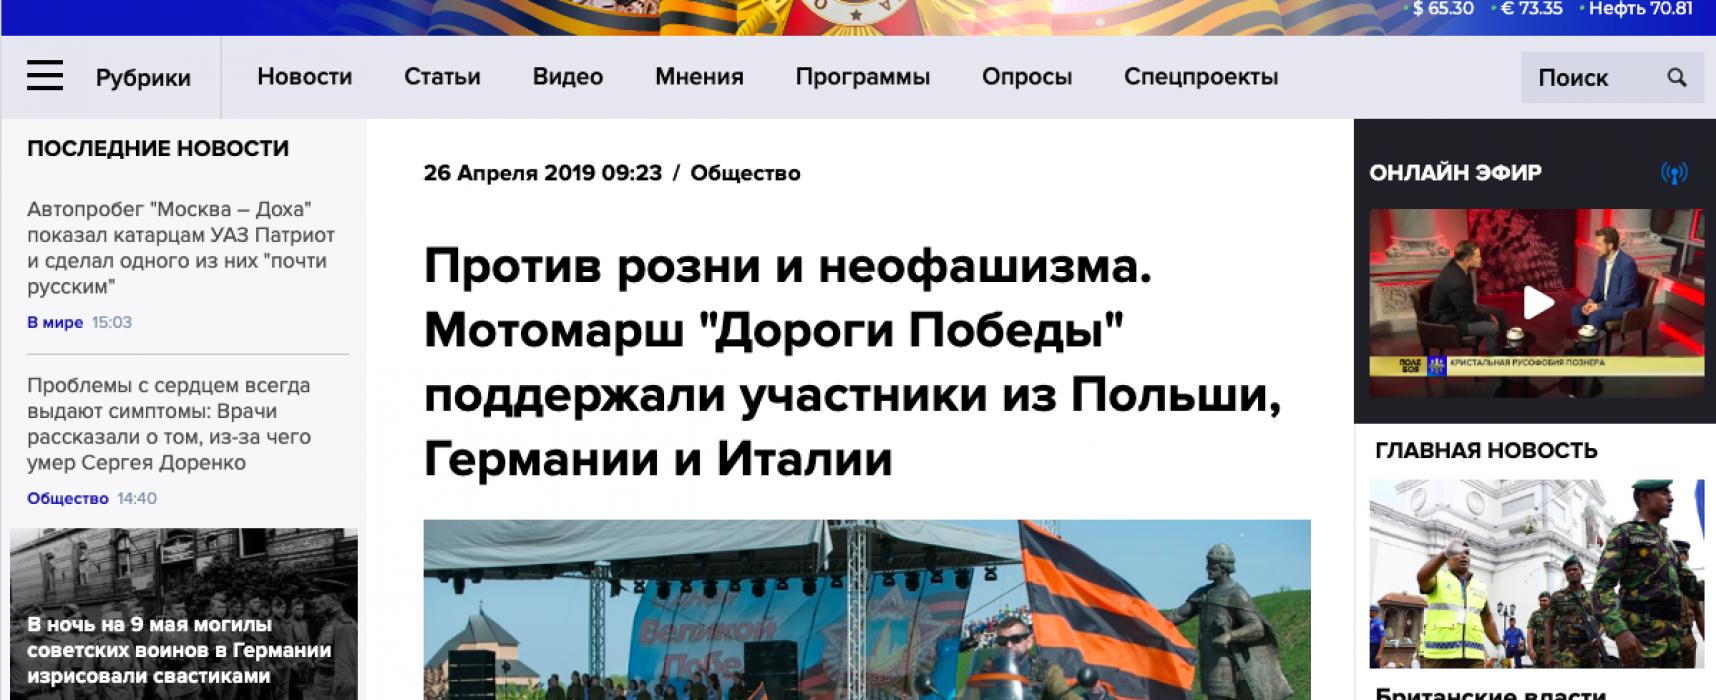 Фейк: В ЕС с воодушевлением встретили колонну российских «Ночных волков»